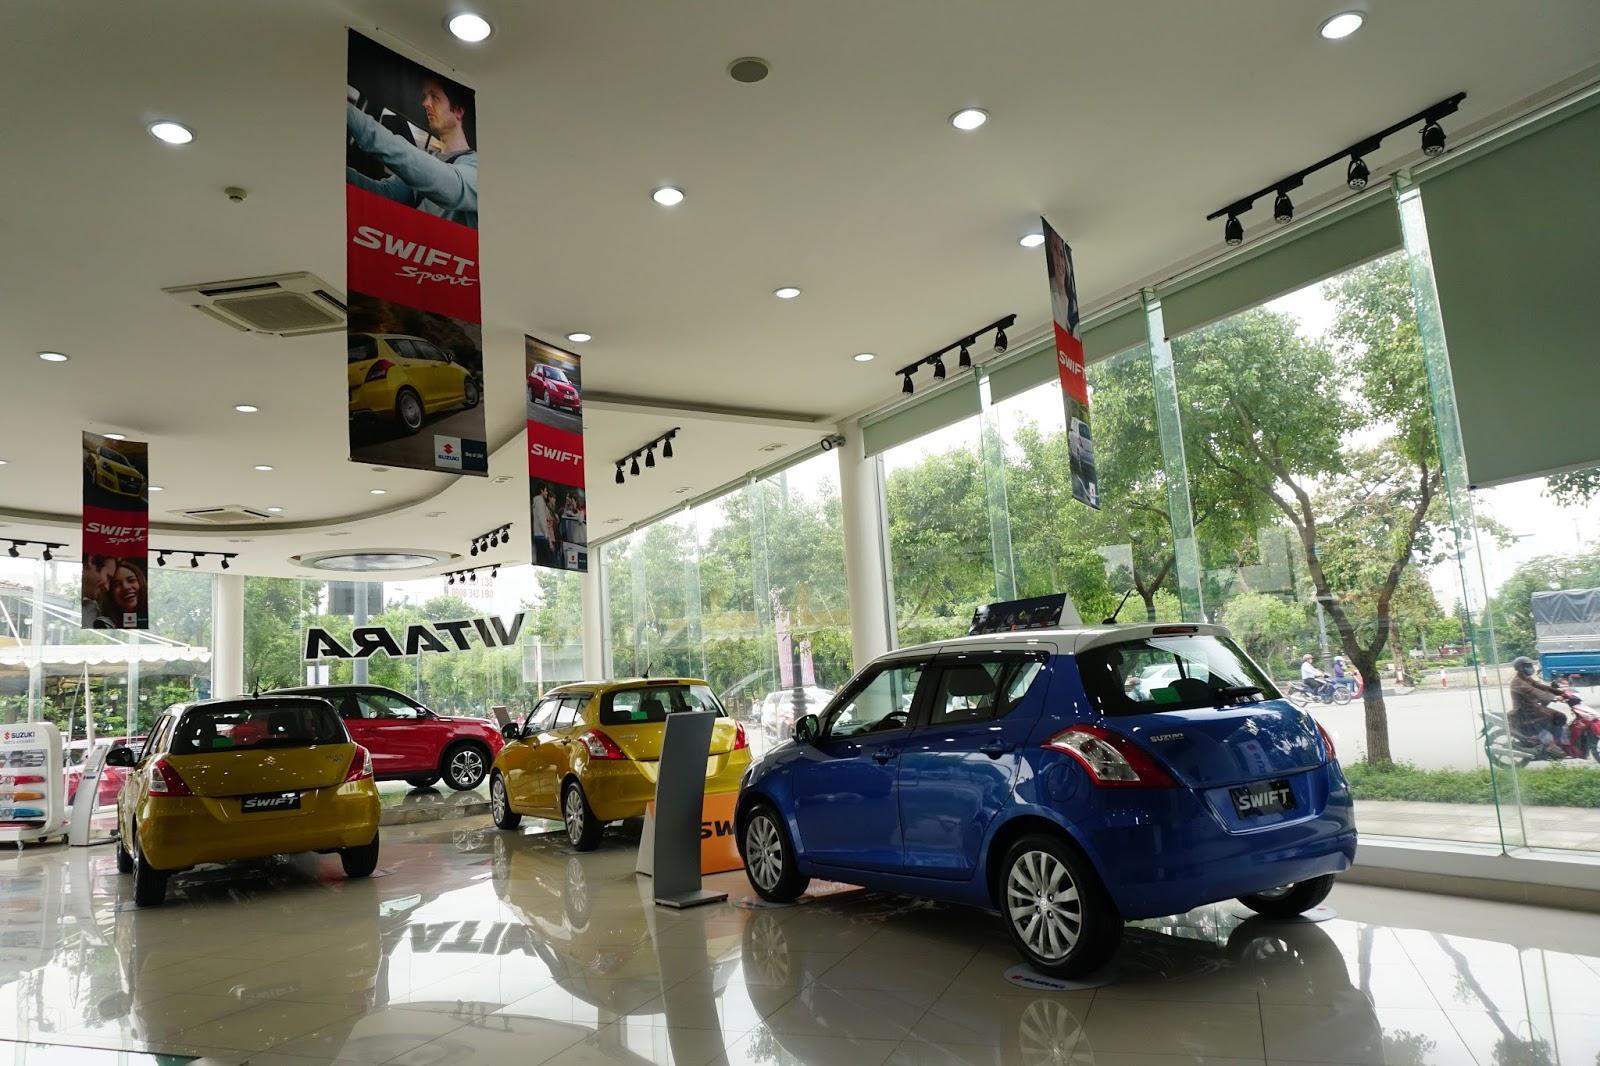 Những chiếc xe Swift, Vitara, Ertiga, Ciaz tuyệt đẹp được trưng bày ở khu vực ô tô